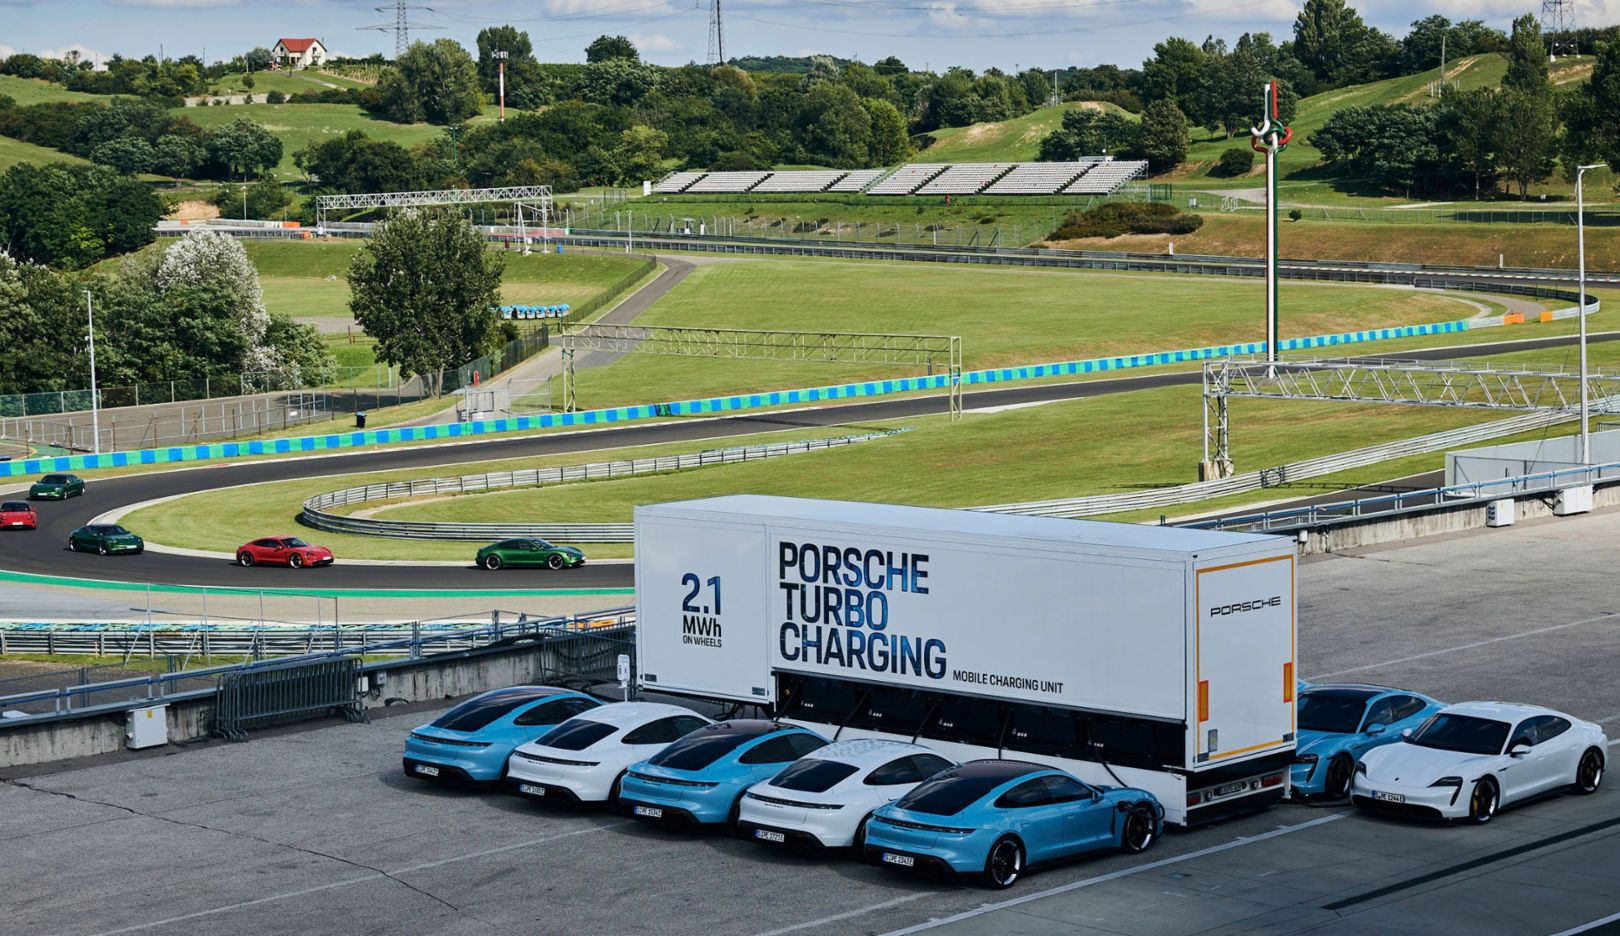 Les camions de charge haute puissance deviennent des sources 1_DSC3160